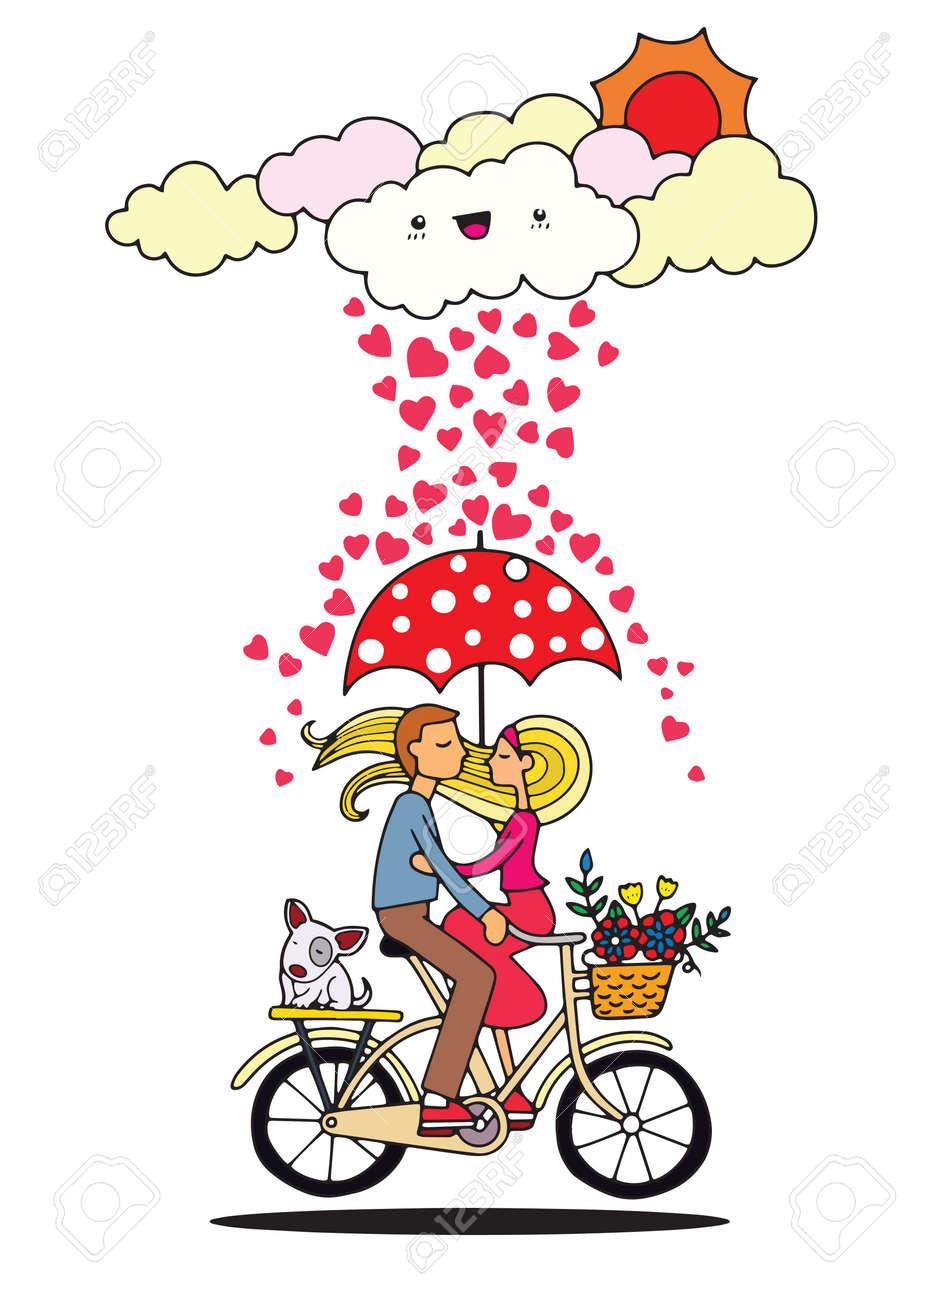 Conceito Romantico Casal Apaixonado Sob O Guarda Chuva Em